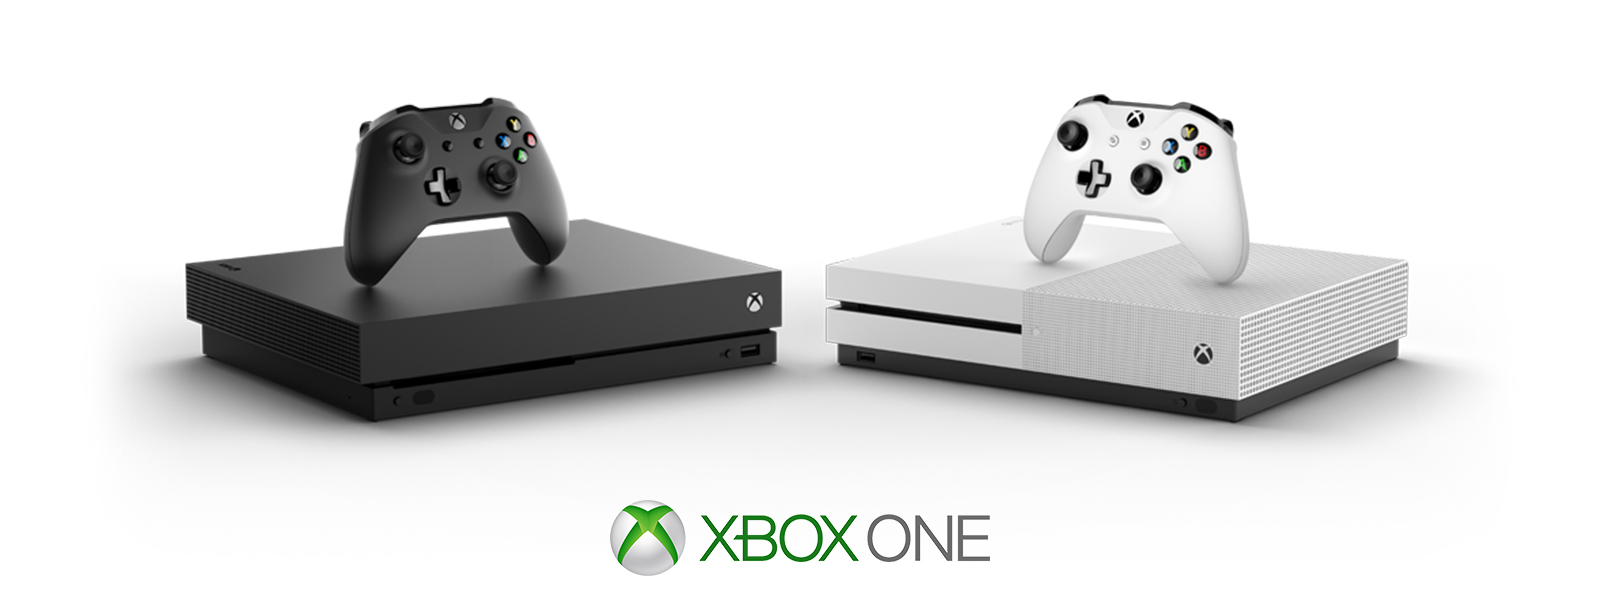 Konsole Xbox One X i Xbox One S